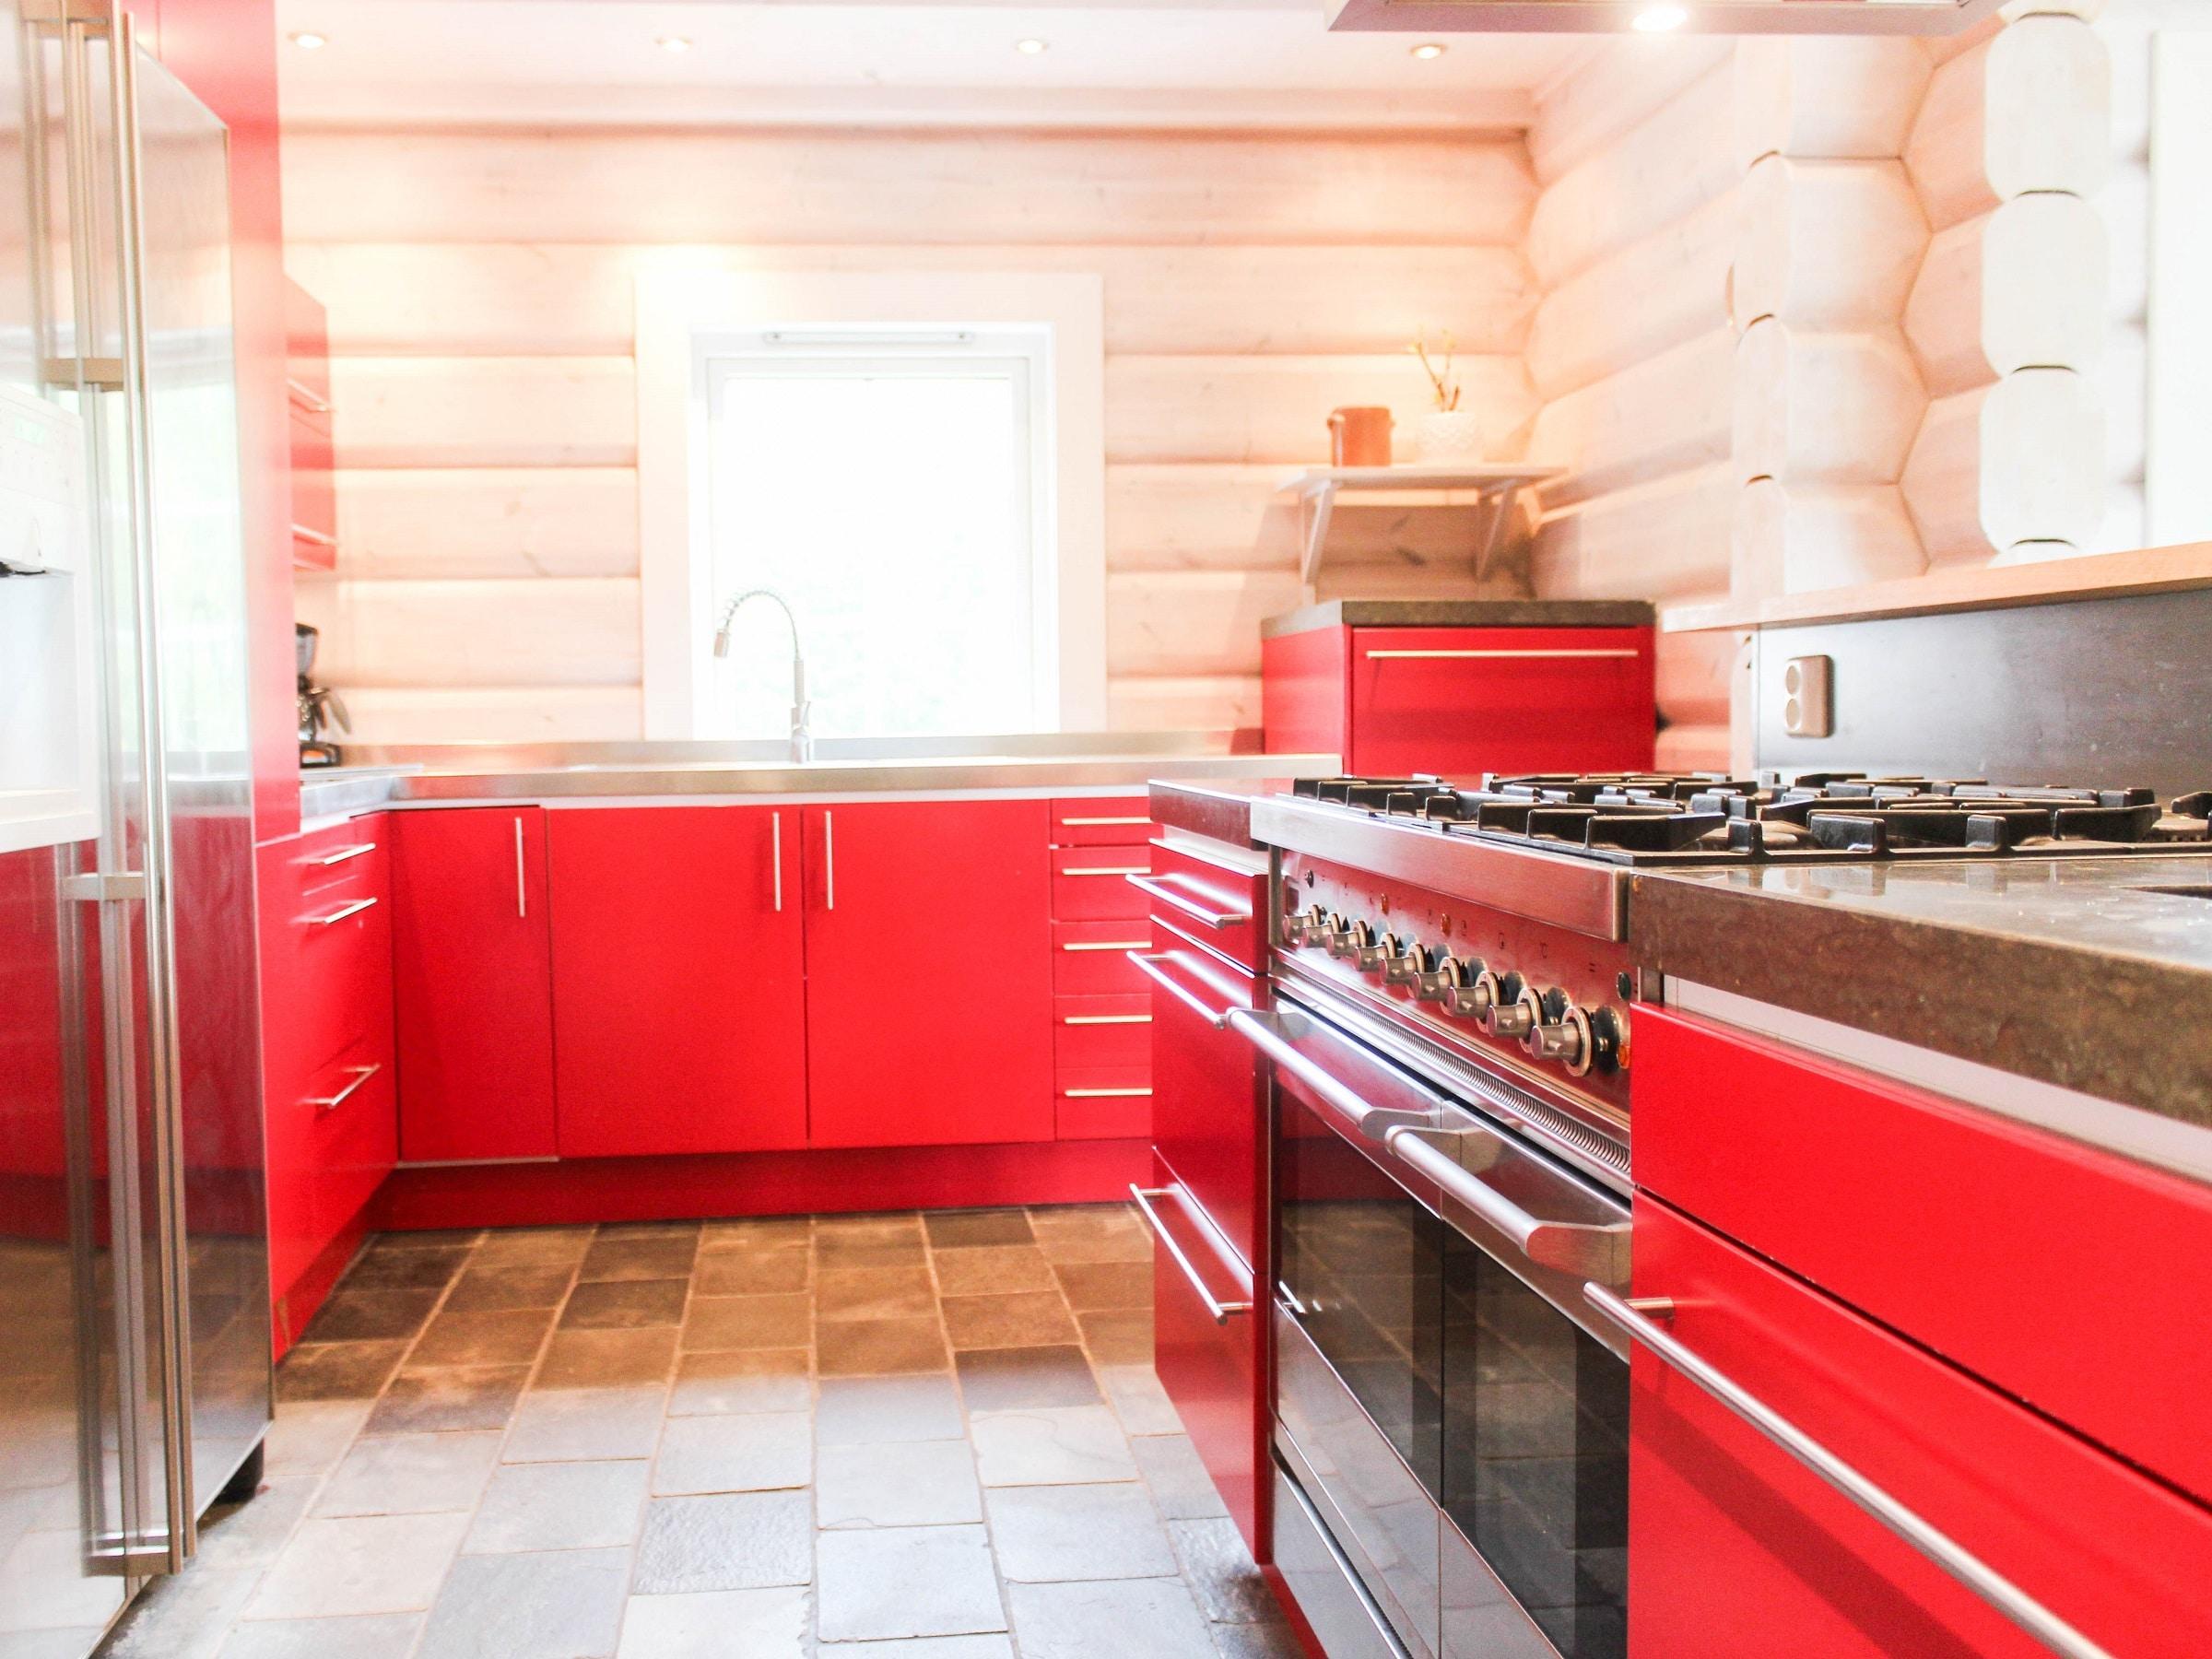 Red kitchen with gas stove in Björnängelägret 6 in Åre